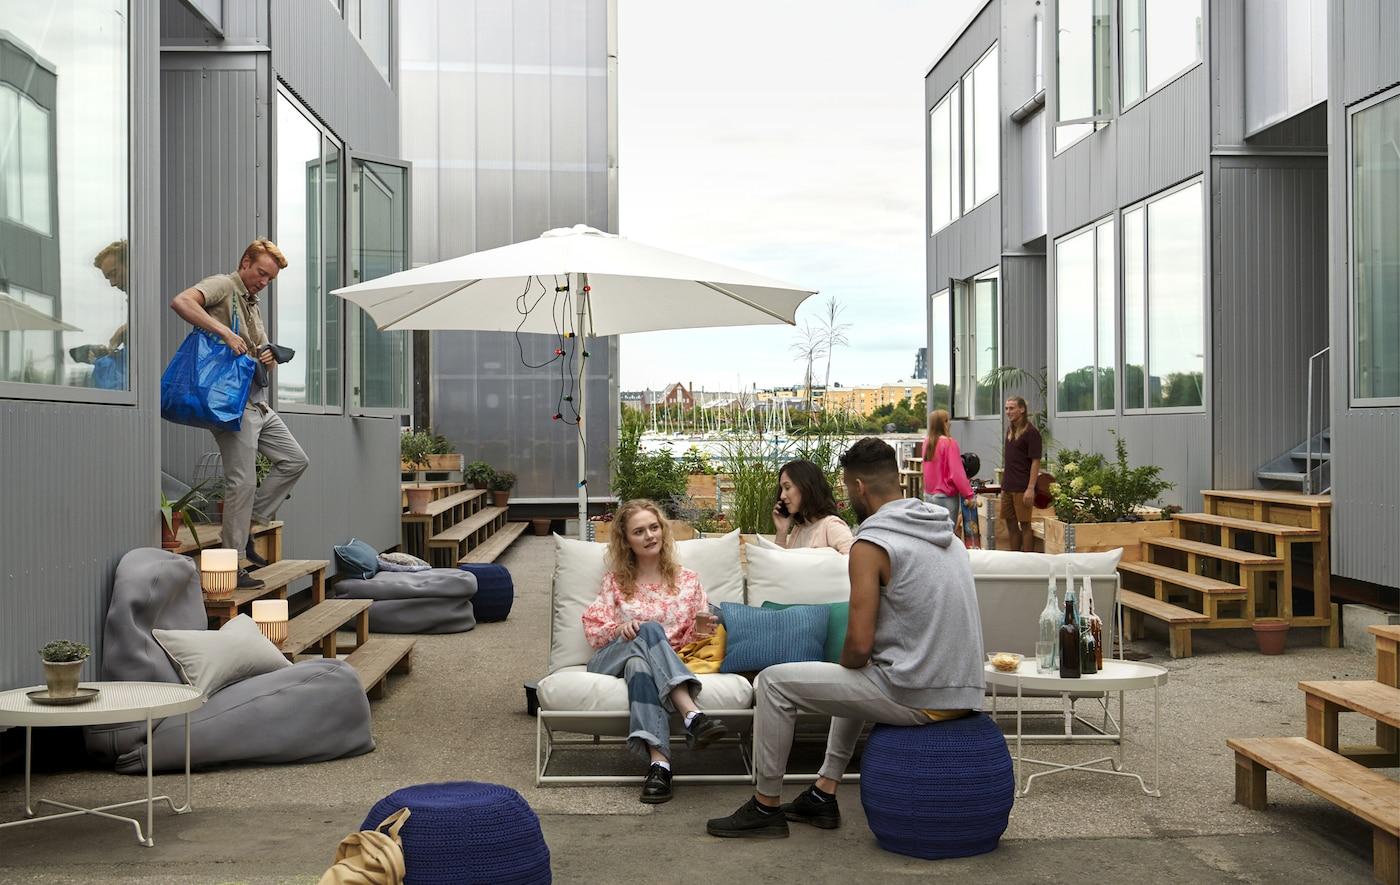 Personnes assises sur des canapés et des coussins de sol, parasol et tables d'appoint, dans un espace extérieur aménagé entre deux containers de cargo.